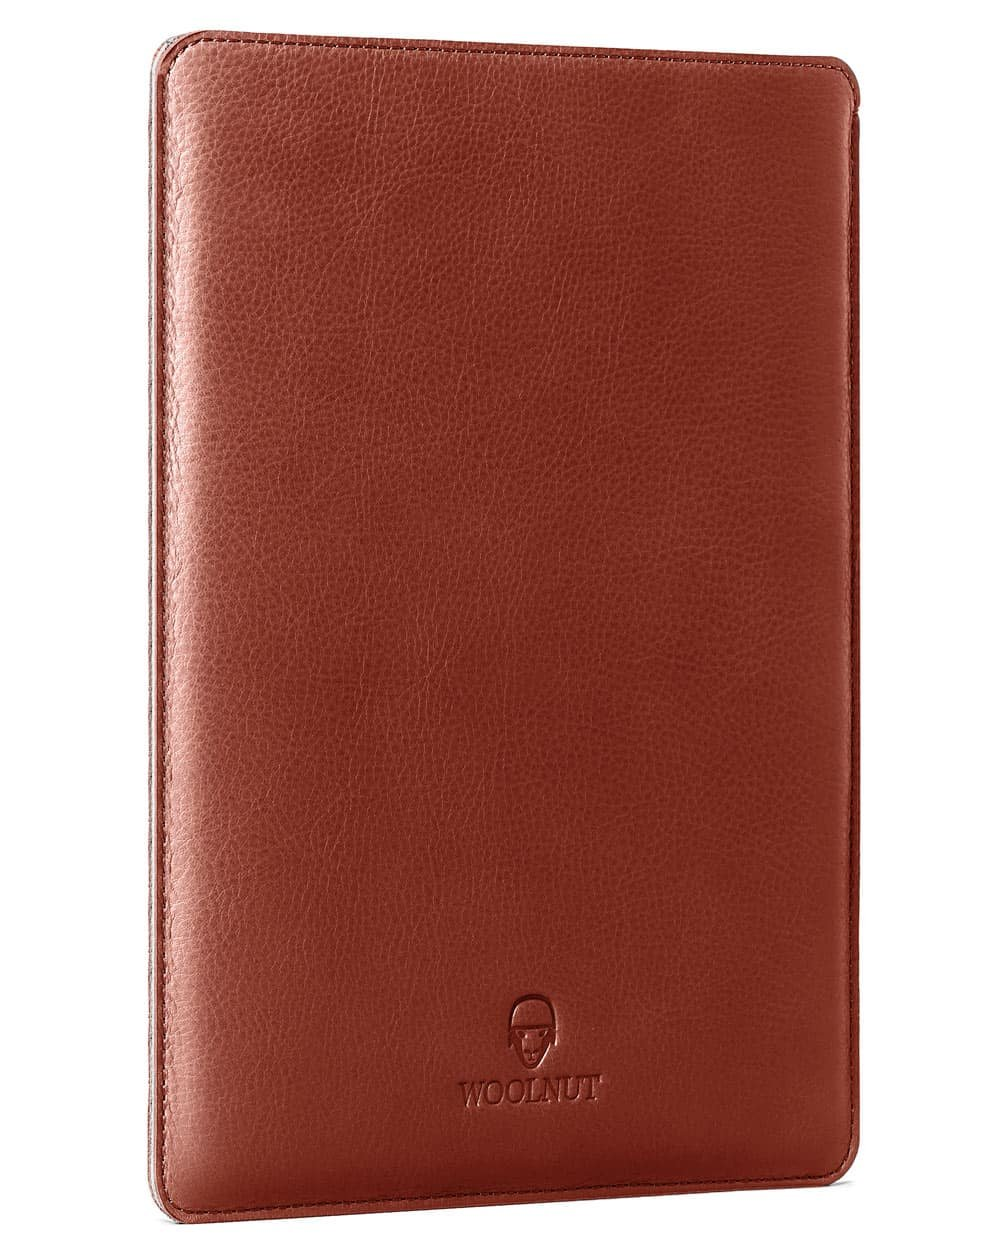 Woolnut MacBook Pro 13 & MacBook Air 13 (New) Sleeve - Cognac by Woolnut (Image #3)